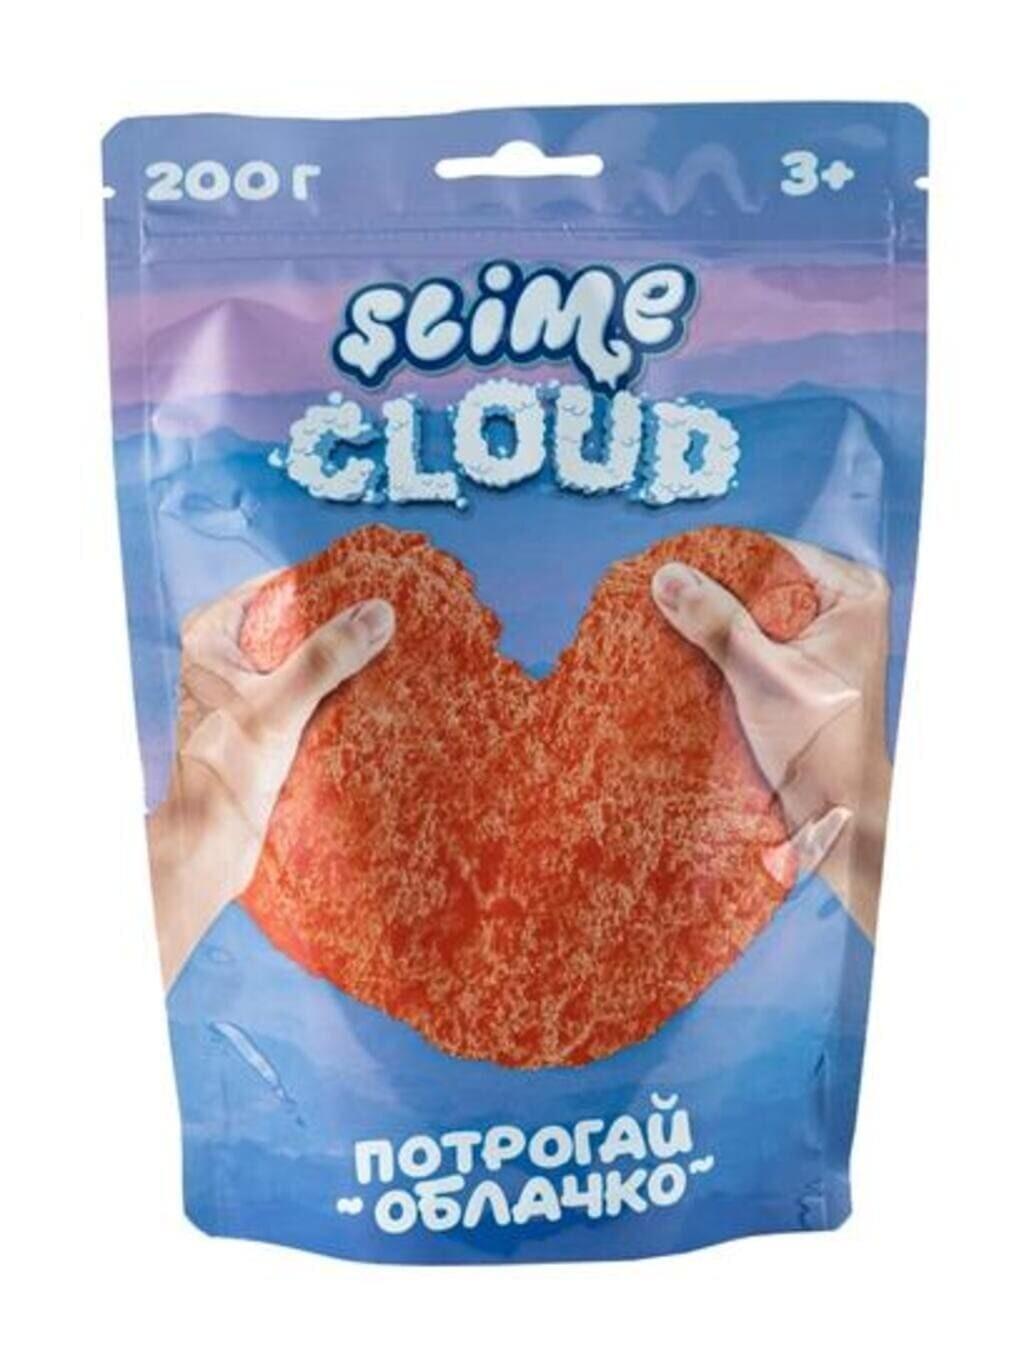 Cloud-slime Рассветные облака с ароматом персика, 200 г